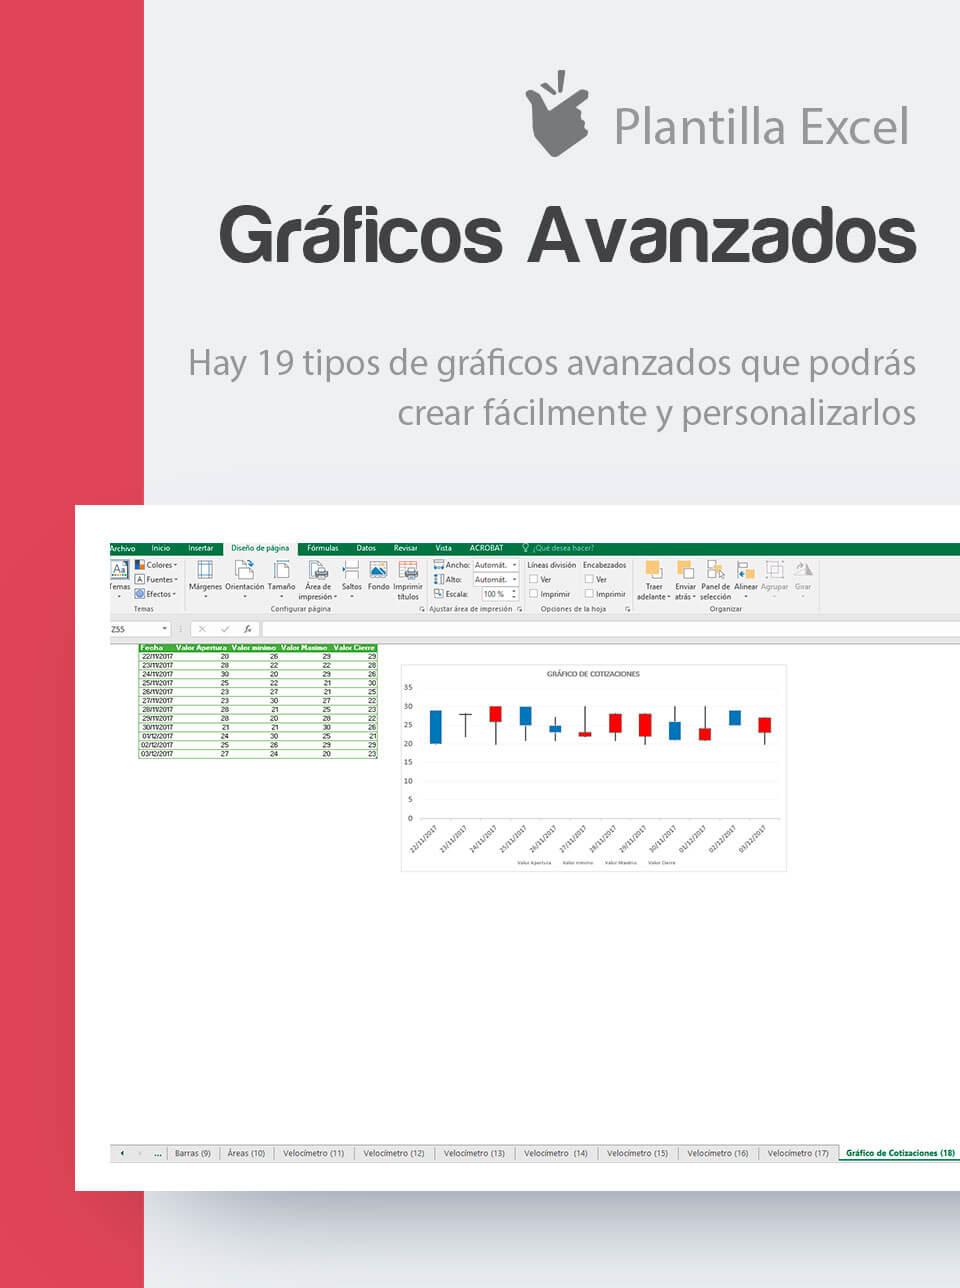 Plantilla Gráficos Avanzados | Plantilla para crear gráficos ...